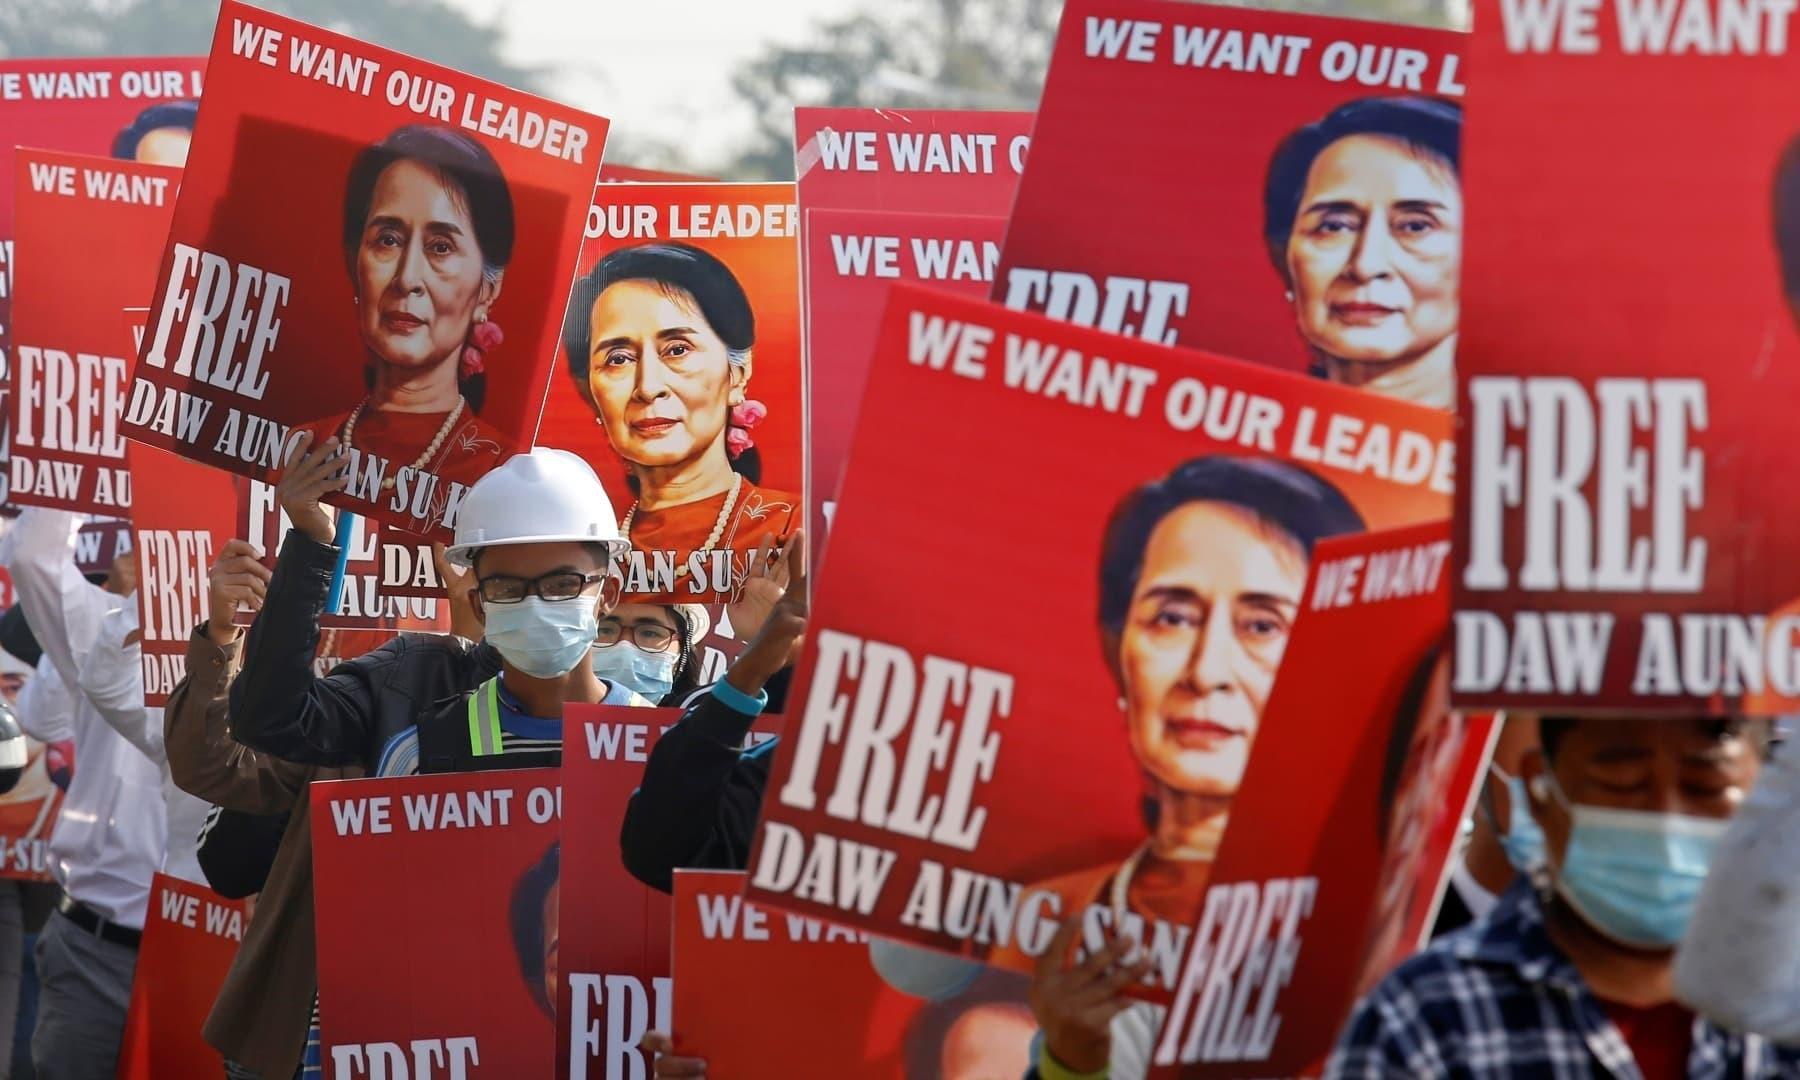 میانمار کے عوام نے نپیتاؤ میں بھی فوج کی مداخلت کے خلاف احتجاج کیا—فوٹو: رائٹرز